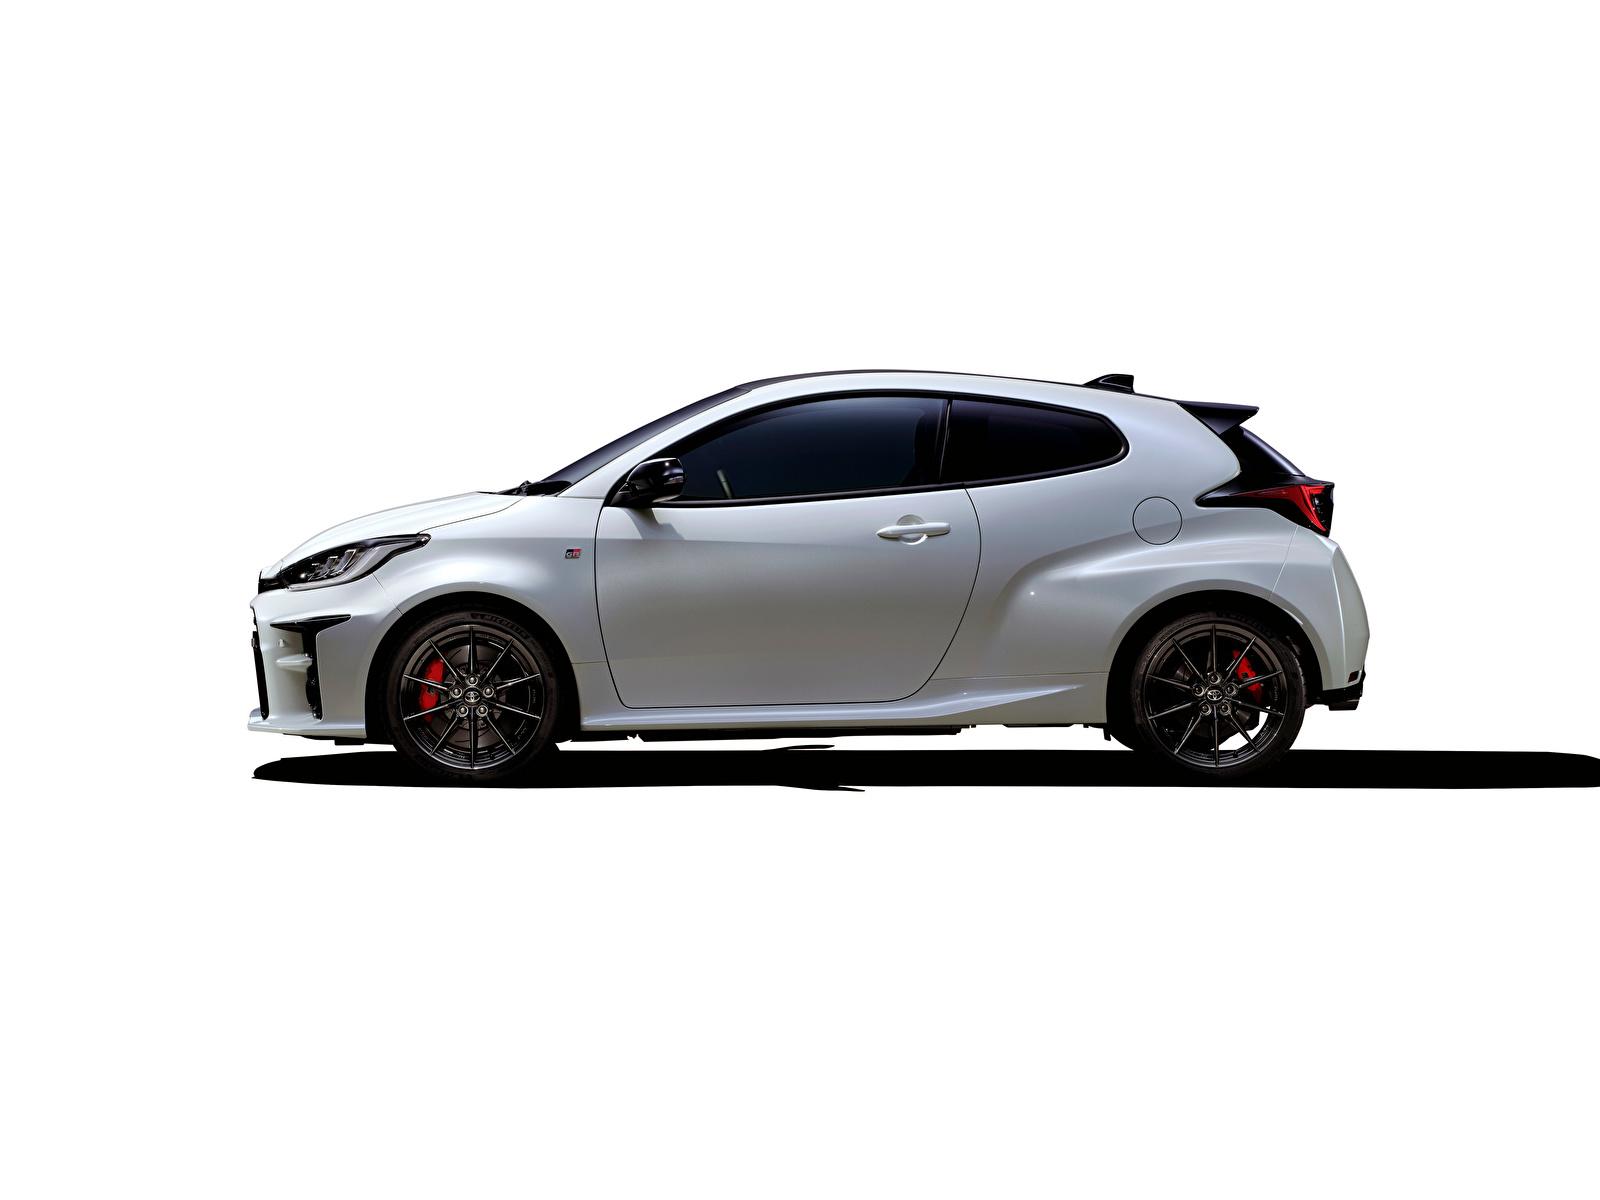 Фото Тойота GR Yaris RZ High Performance, JP-spec, 2020 белая Сбоку машины Металлик 1600x1200 Toyota Белый белые белых авто машина Автомобили автомобиль